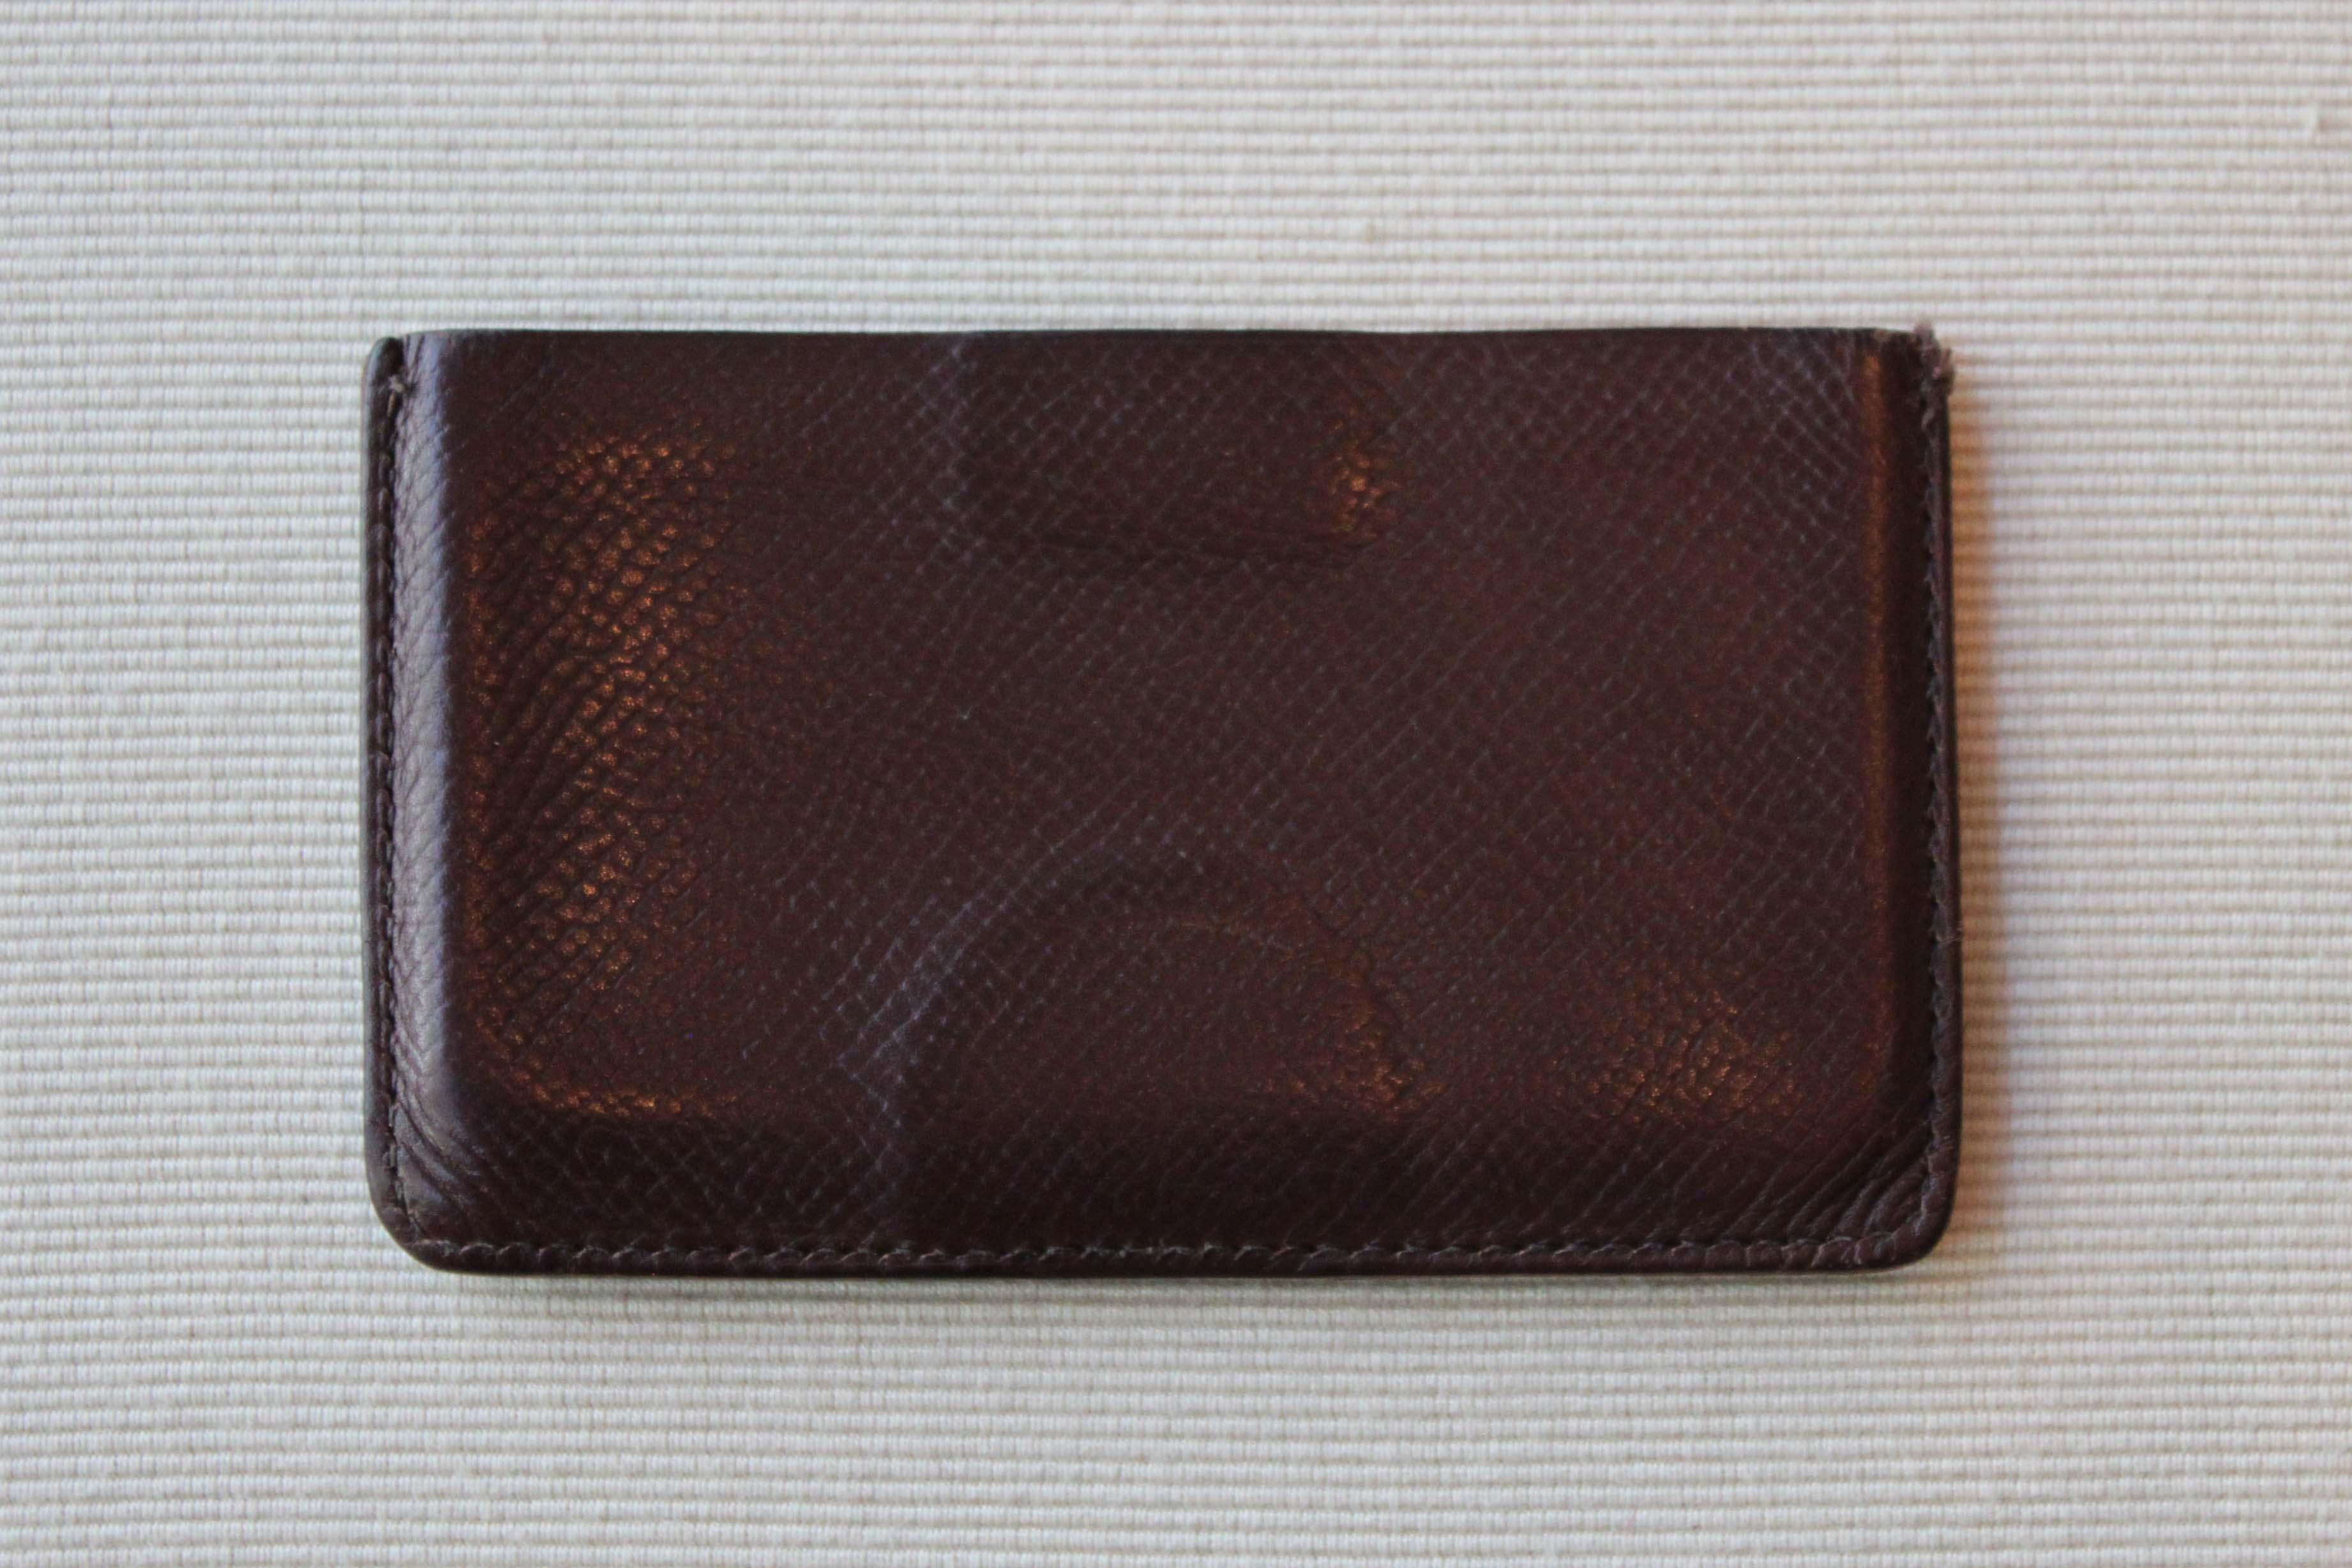 Herms porquerolles card case at 1stdibs colourmoves